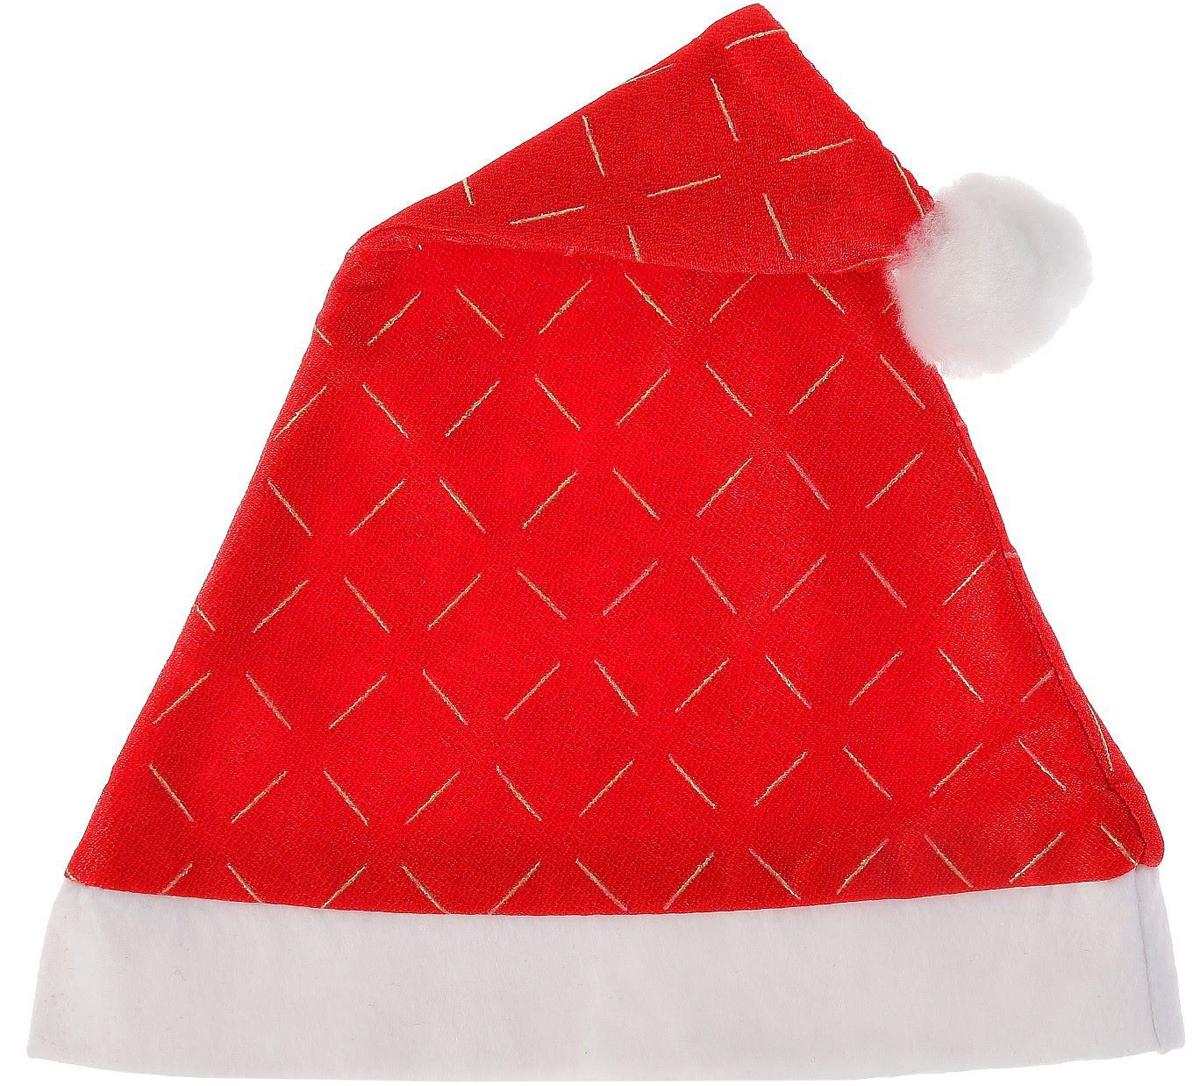 Колпак новогодний Золотые штрихи, 28 х 40 см2352000Невозможно представить нашу жизнь без праздников! Мы всегда ждем их и предвкушаем, обдумываем, как проведем памятный день, тщательно выбираем подарки и аксессуары, ведь именно они создают и поддерживают торжественный настрой. Это отличный выбор, который привнесет атмосферу праздника в ваш дом!